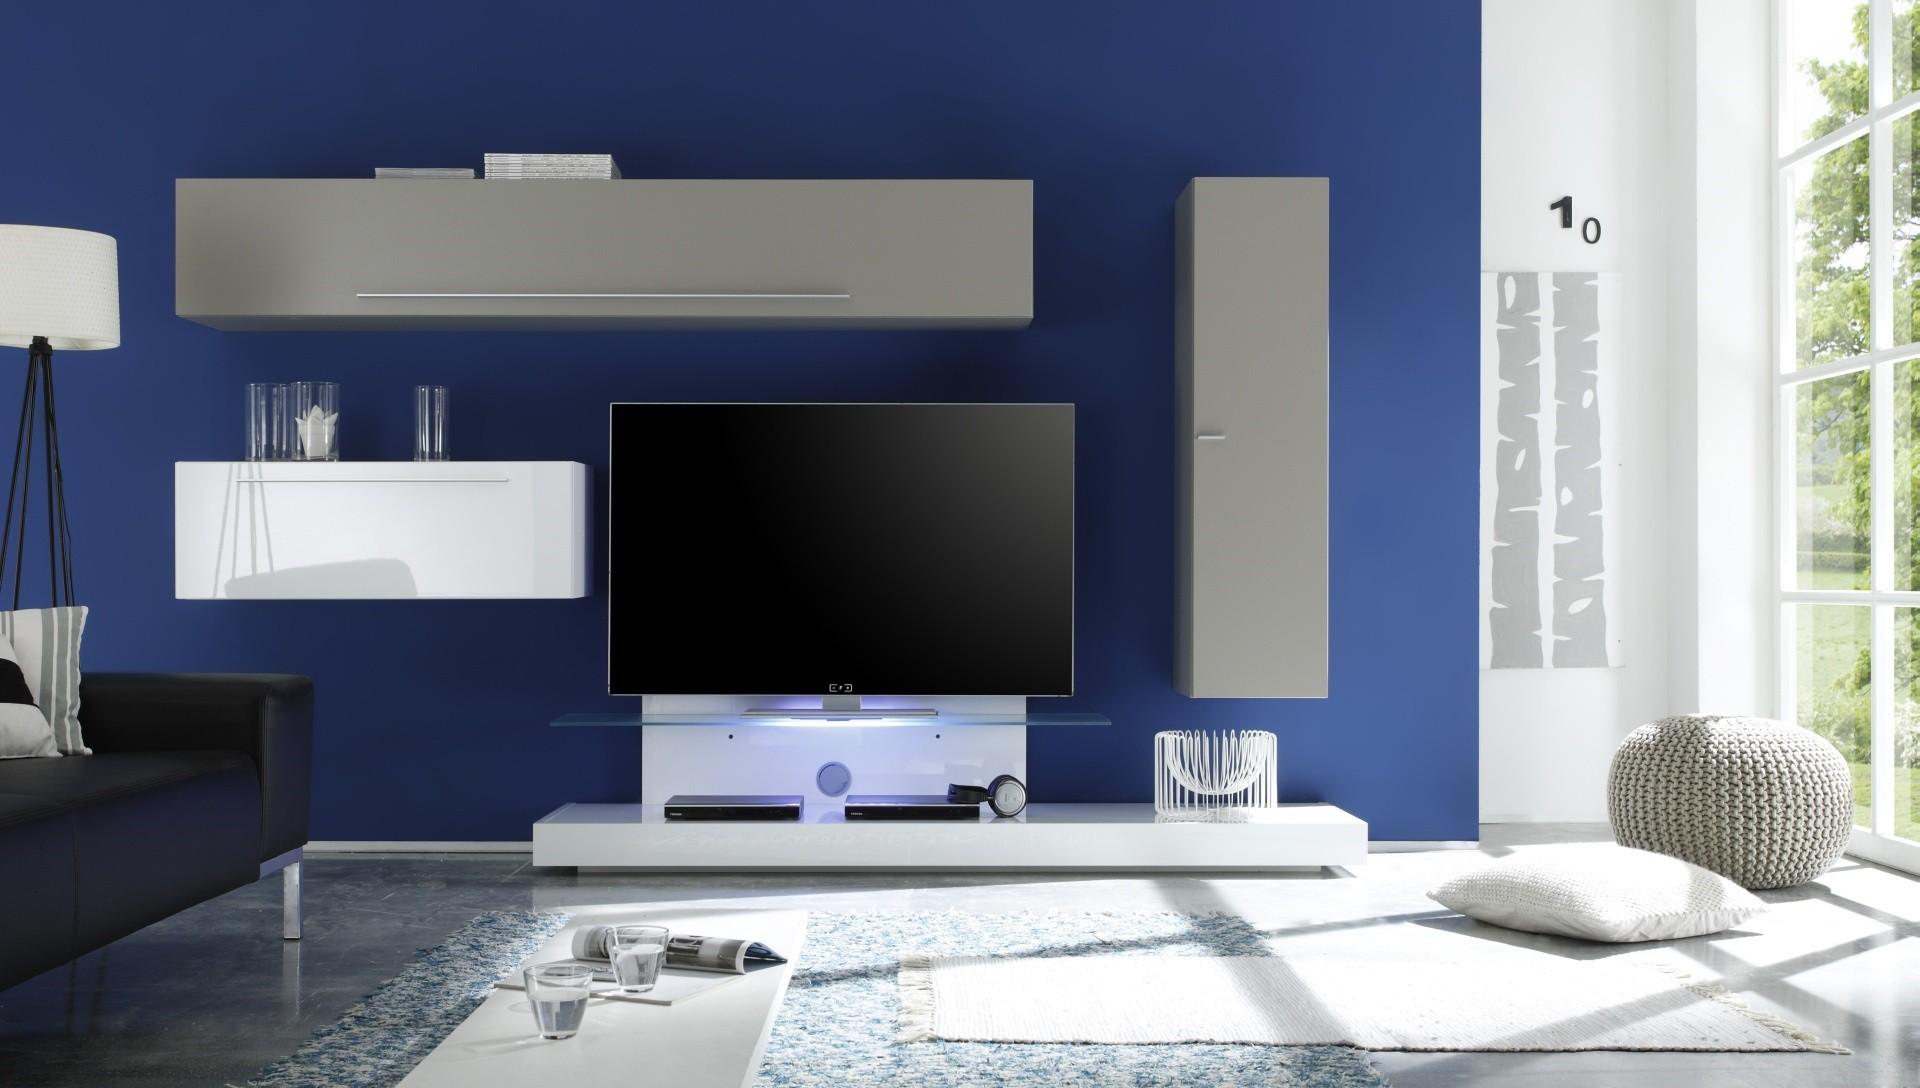 10 Fa Ons De Mettre En Valeur La T L Vision # Meuble De Salon Avec Television Integree